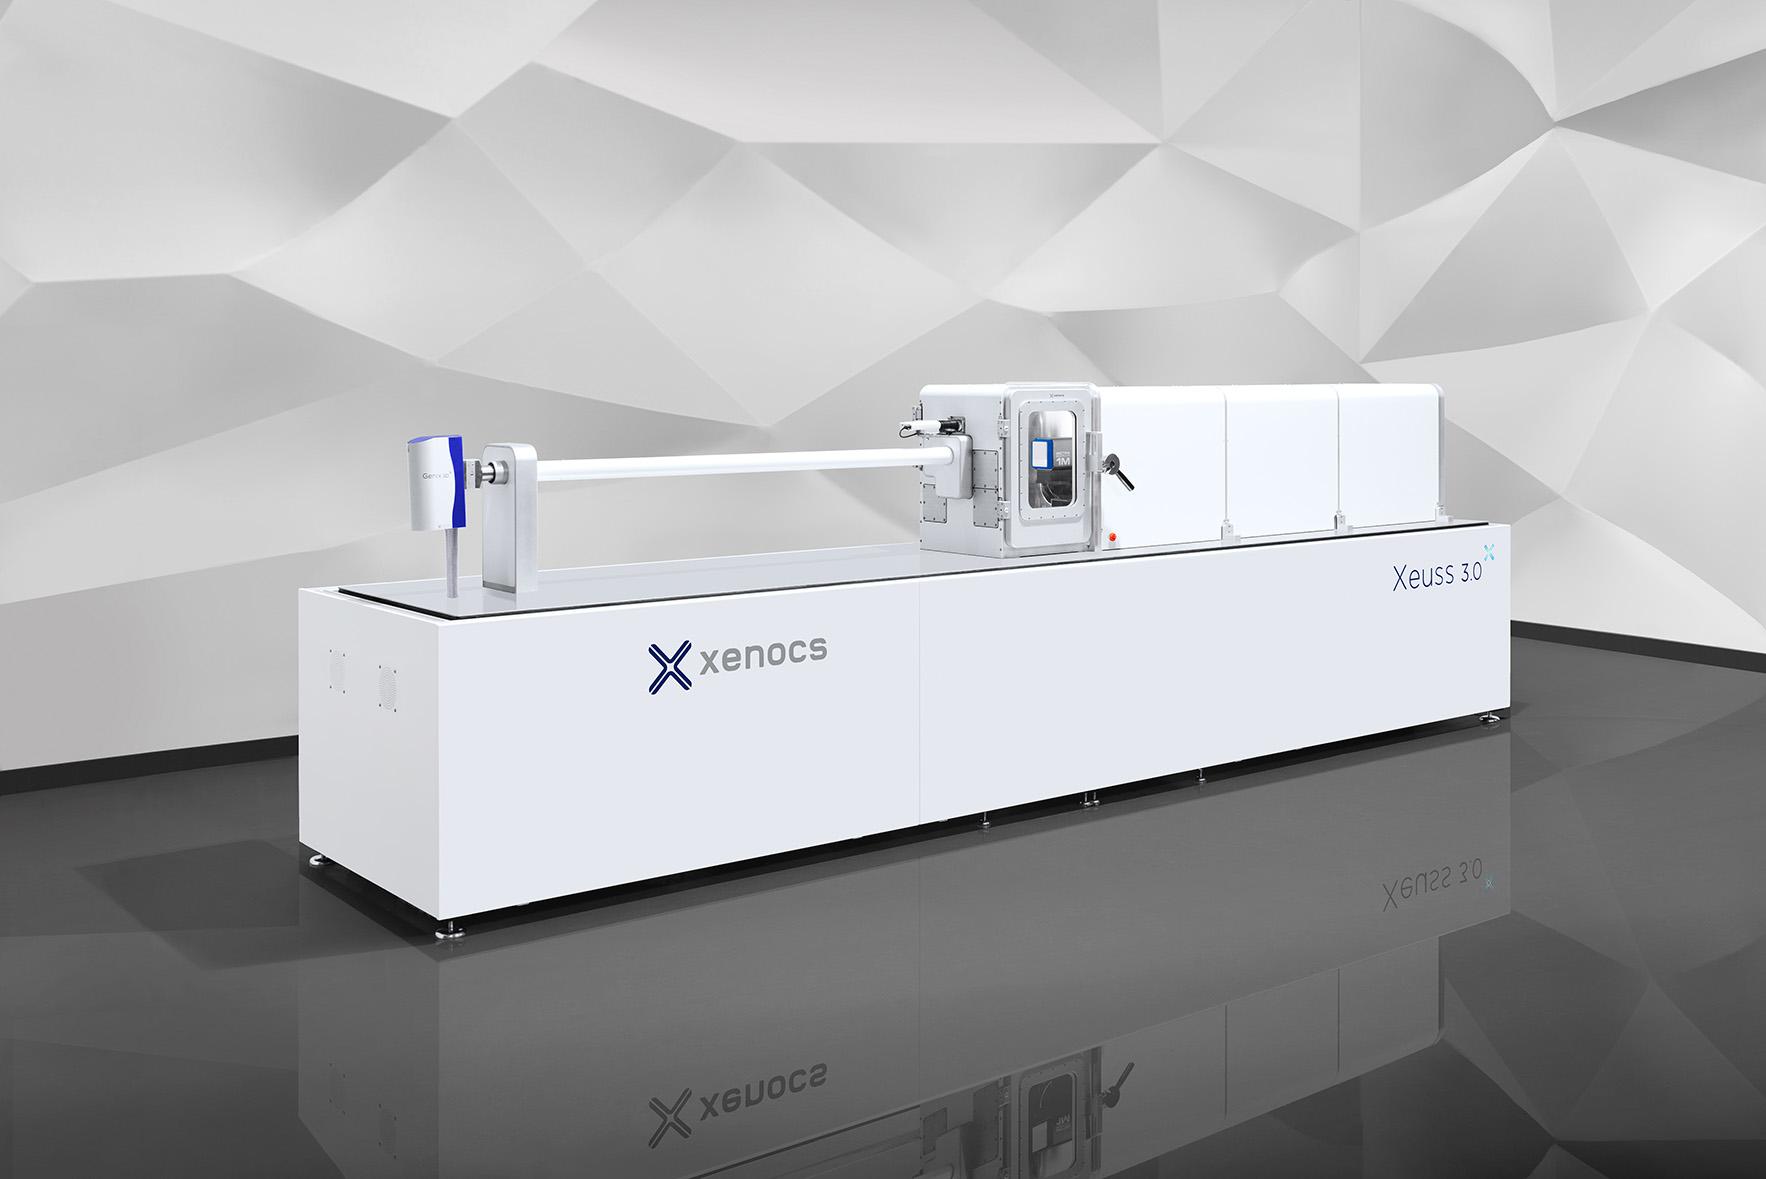 Xenocs Xeuss 3.0 купить в Техноинфо